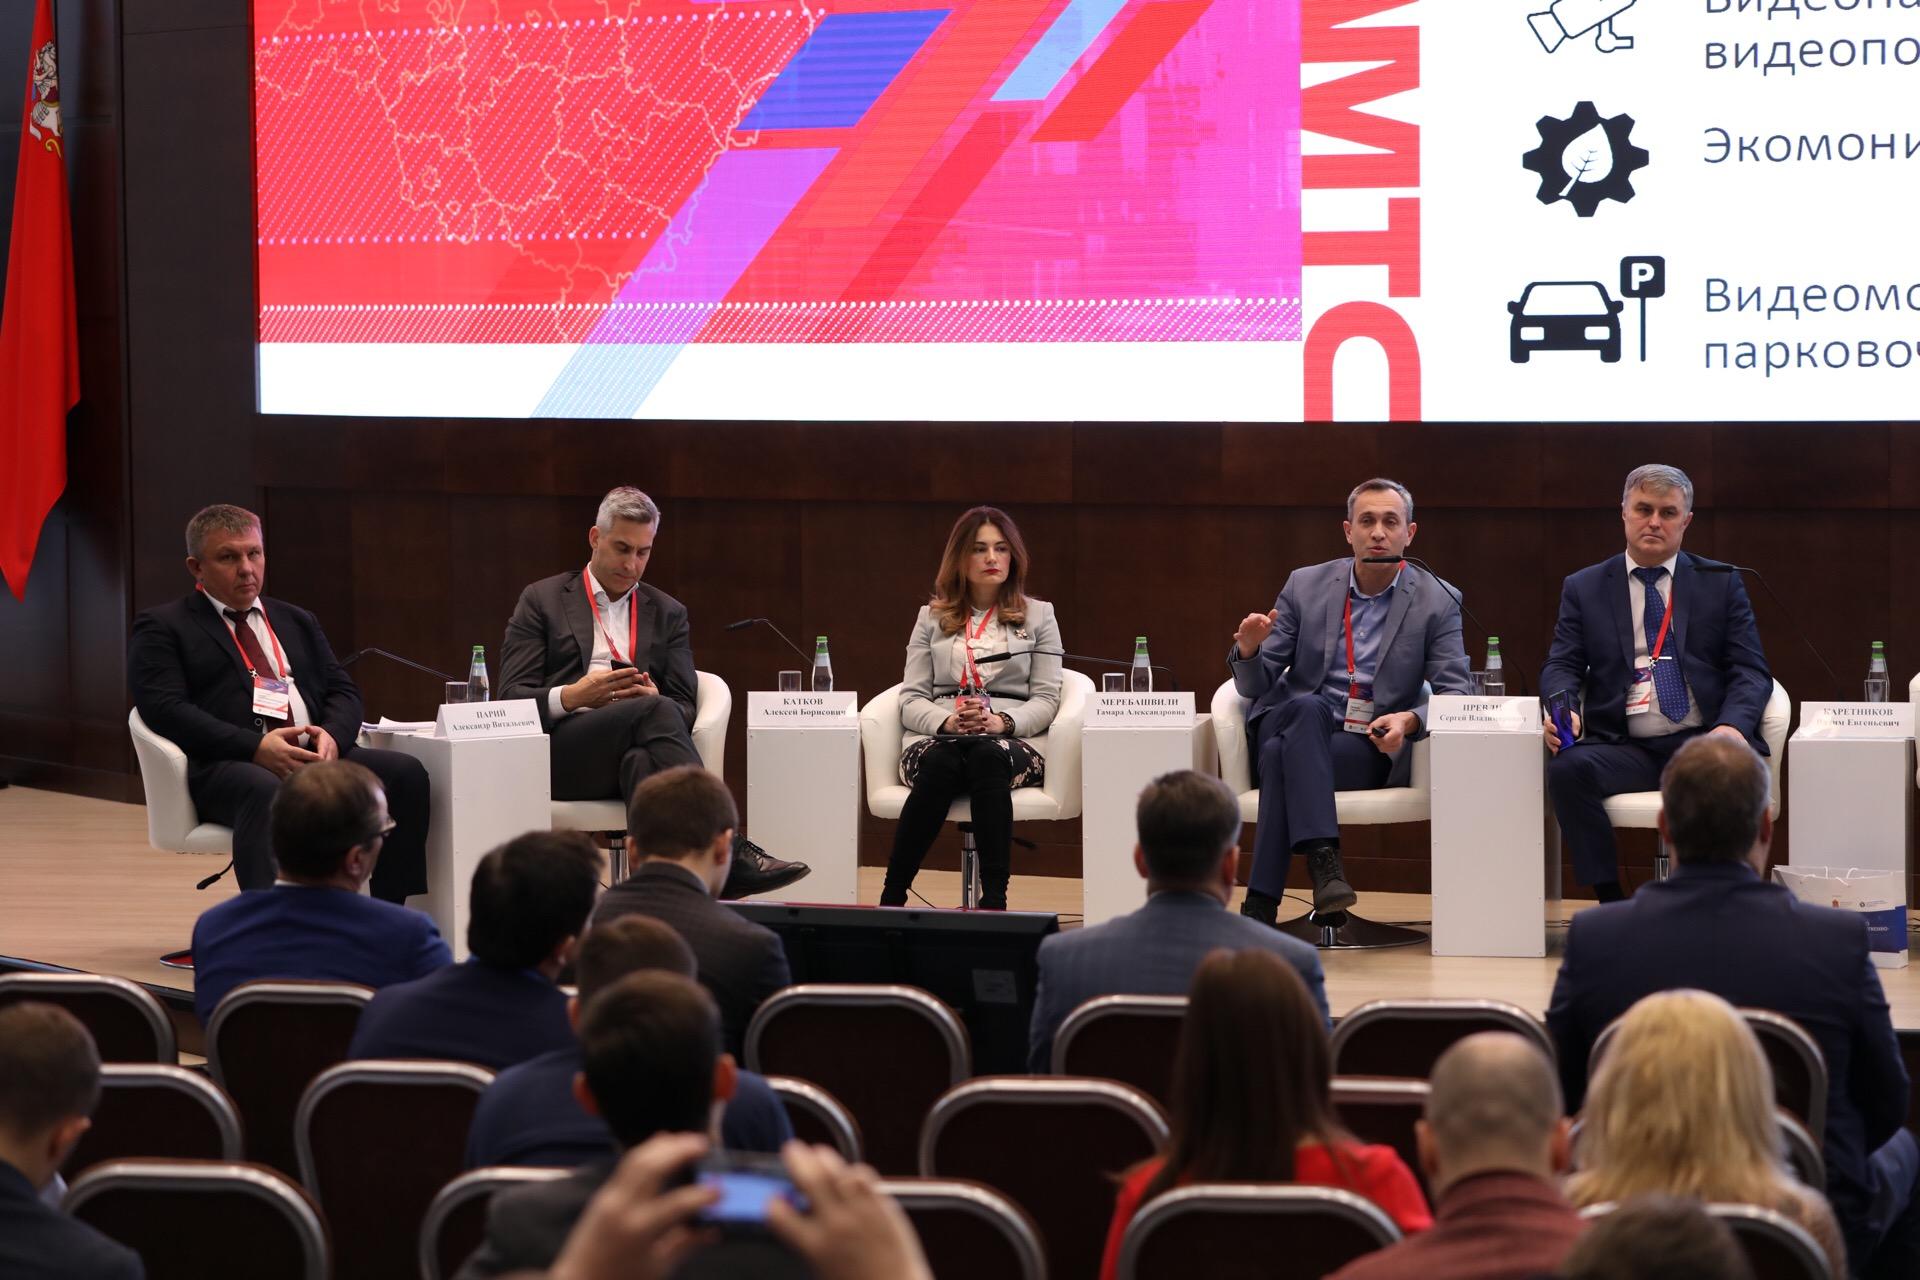 Председатель Правления Ассоциации Тамара Меребашвили выступила на стратегической сессии «Цифровая трансформация городов и отраслей в регионах ЦФО»